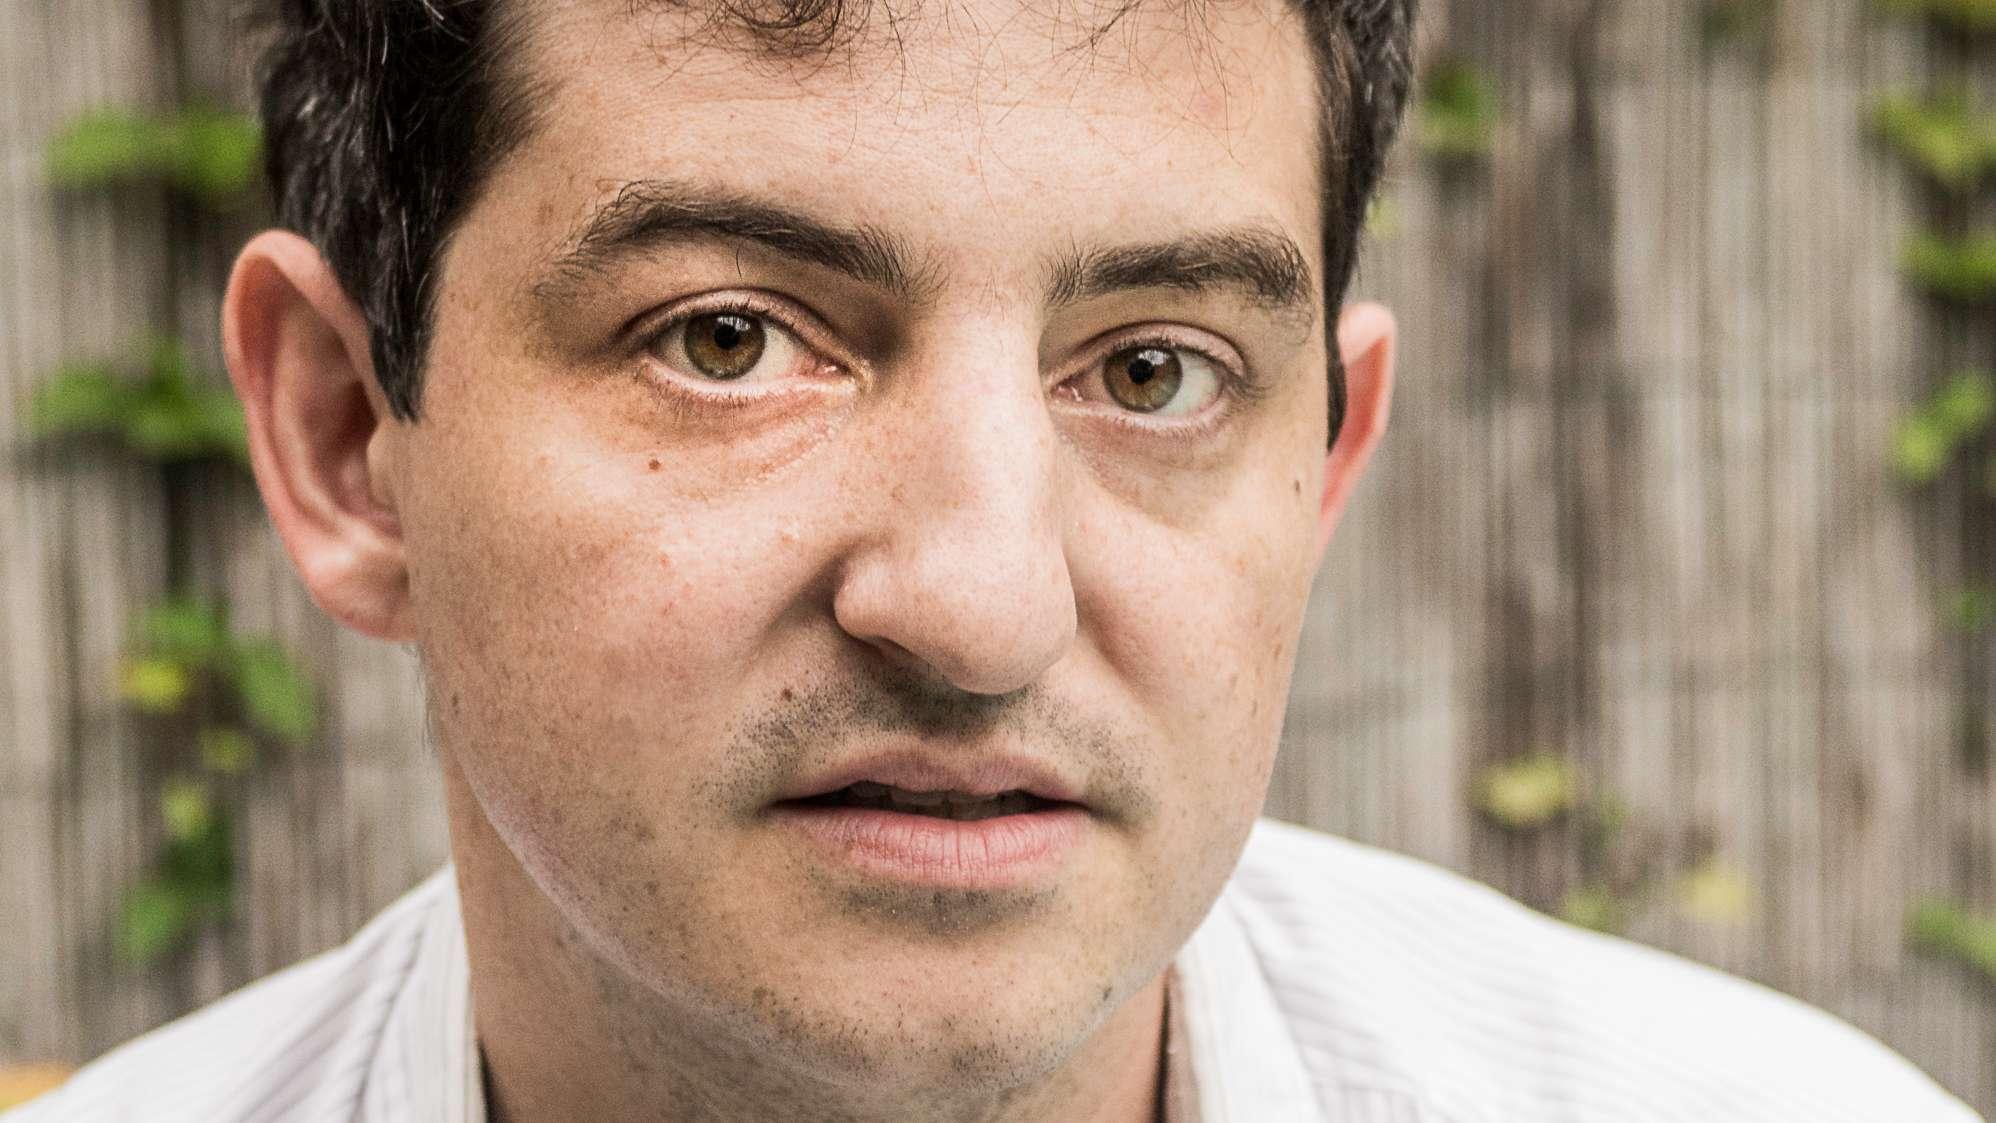 Autor und New York Times-Journalist Nathaniel Rich